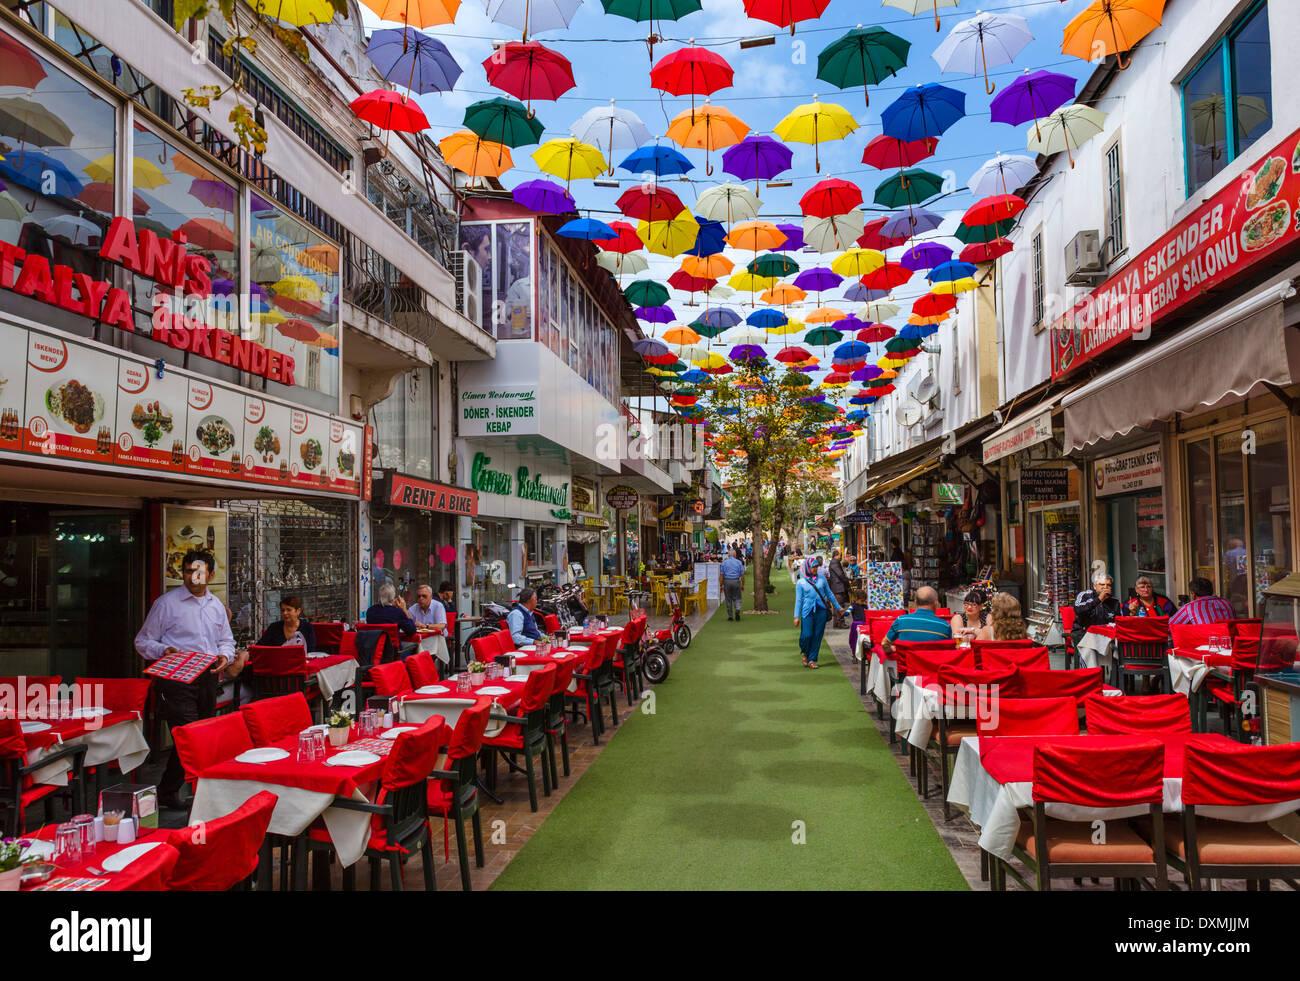 Restaurants on Umbrella Street (2 Inonu Caddesi), Kaleici, Antalya, Turkey - Stock Image